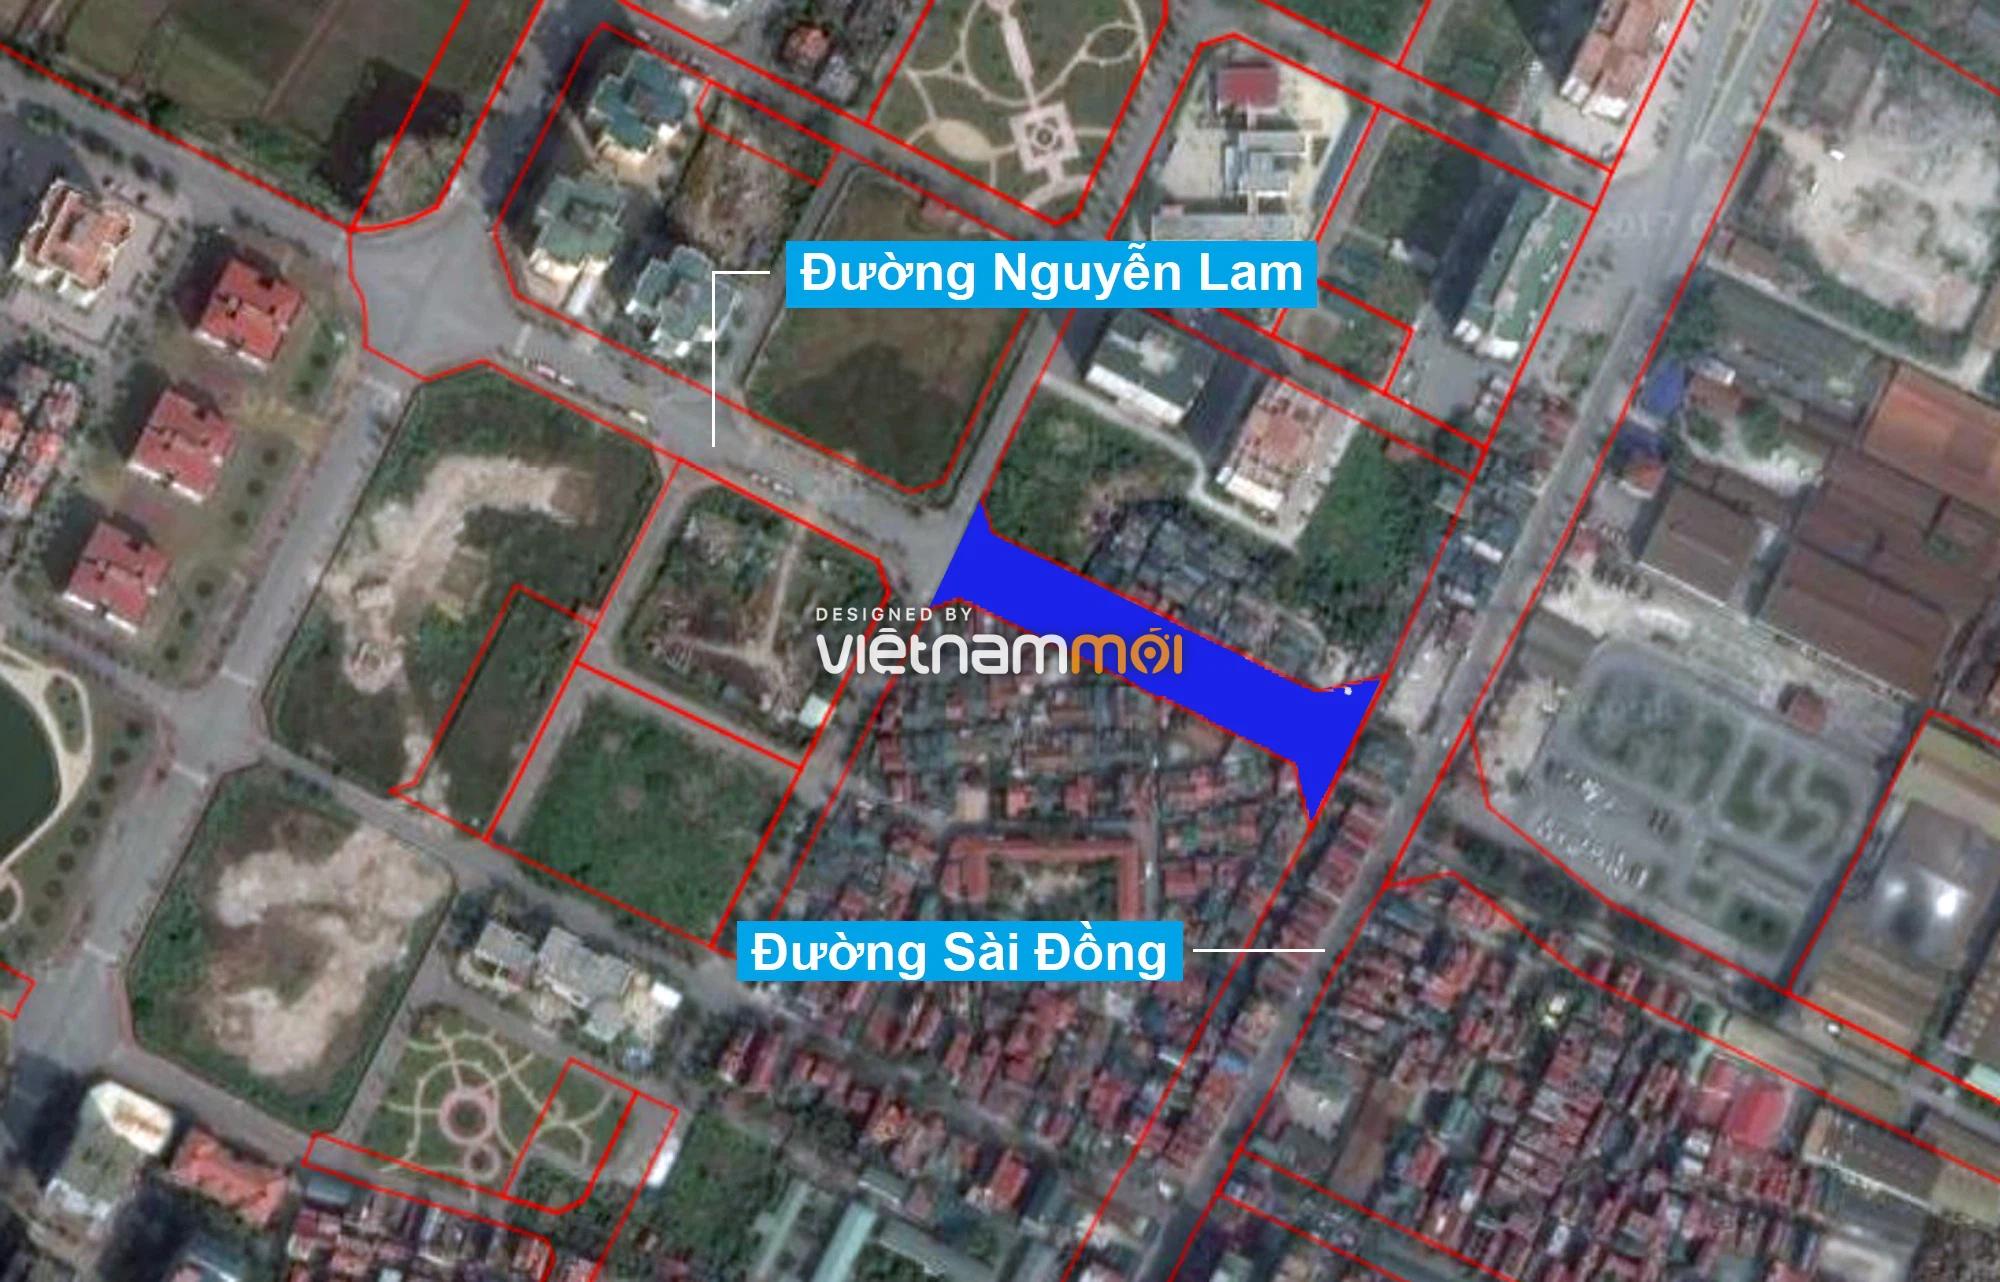 Những khu đất sắp thu hồi để mở đường ở phường Sài Đồng, Long Biên, Hà Nội (phần 1) - Ảnh 16.